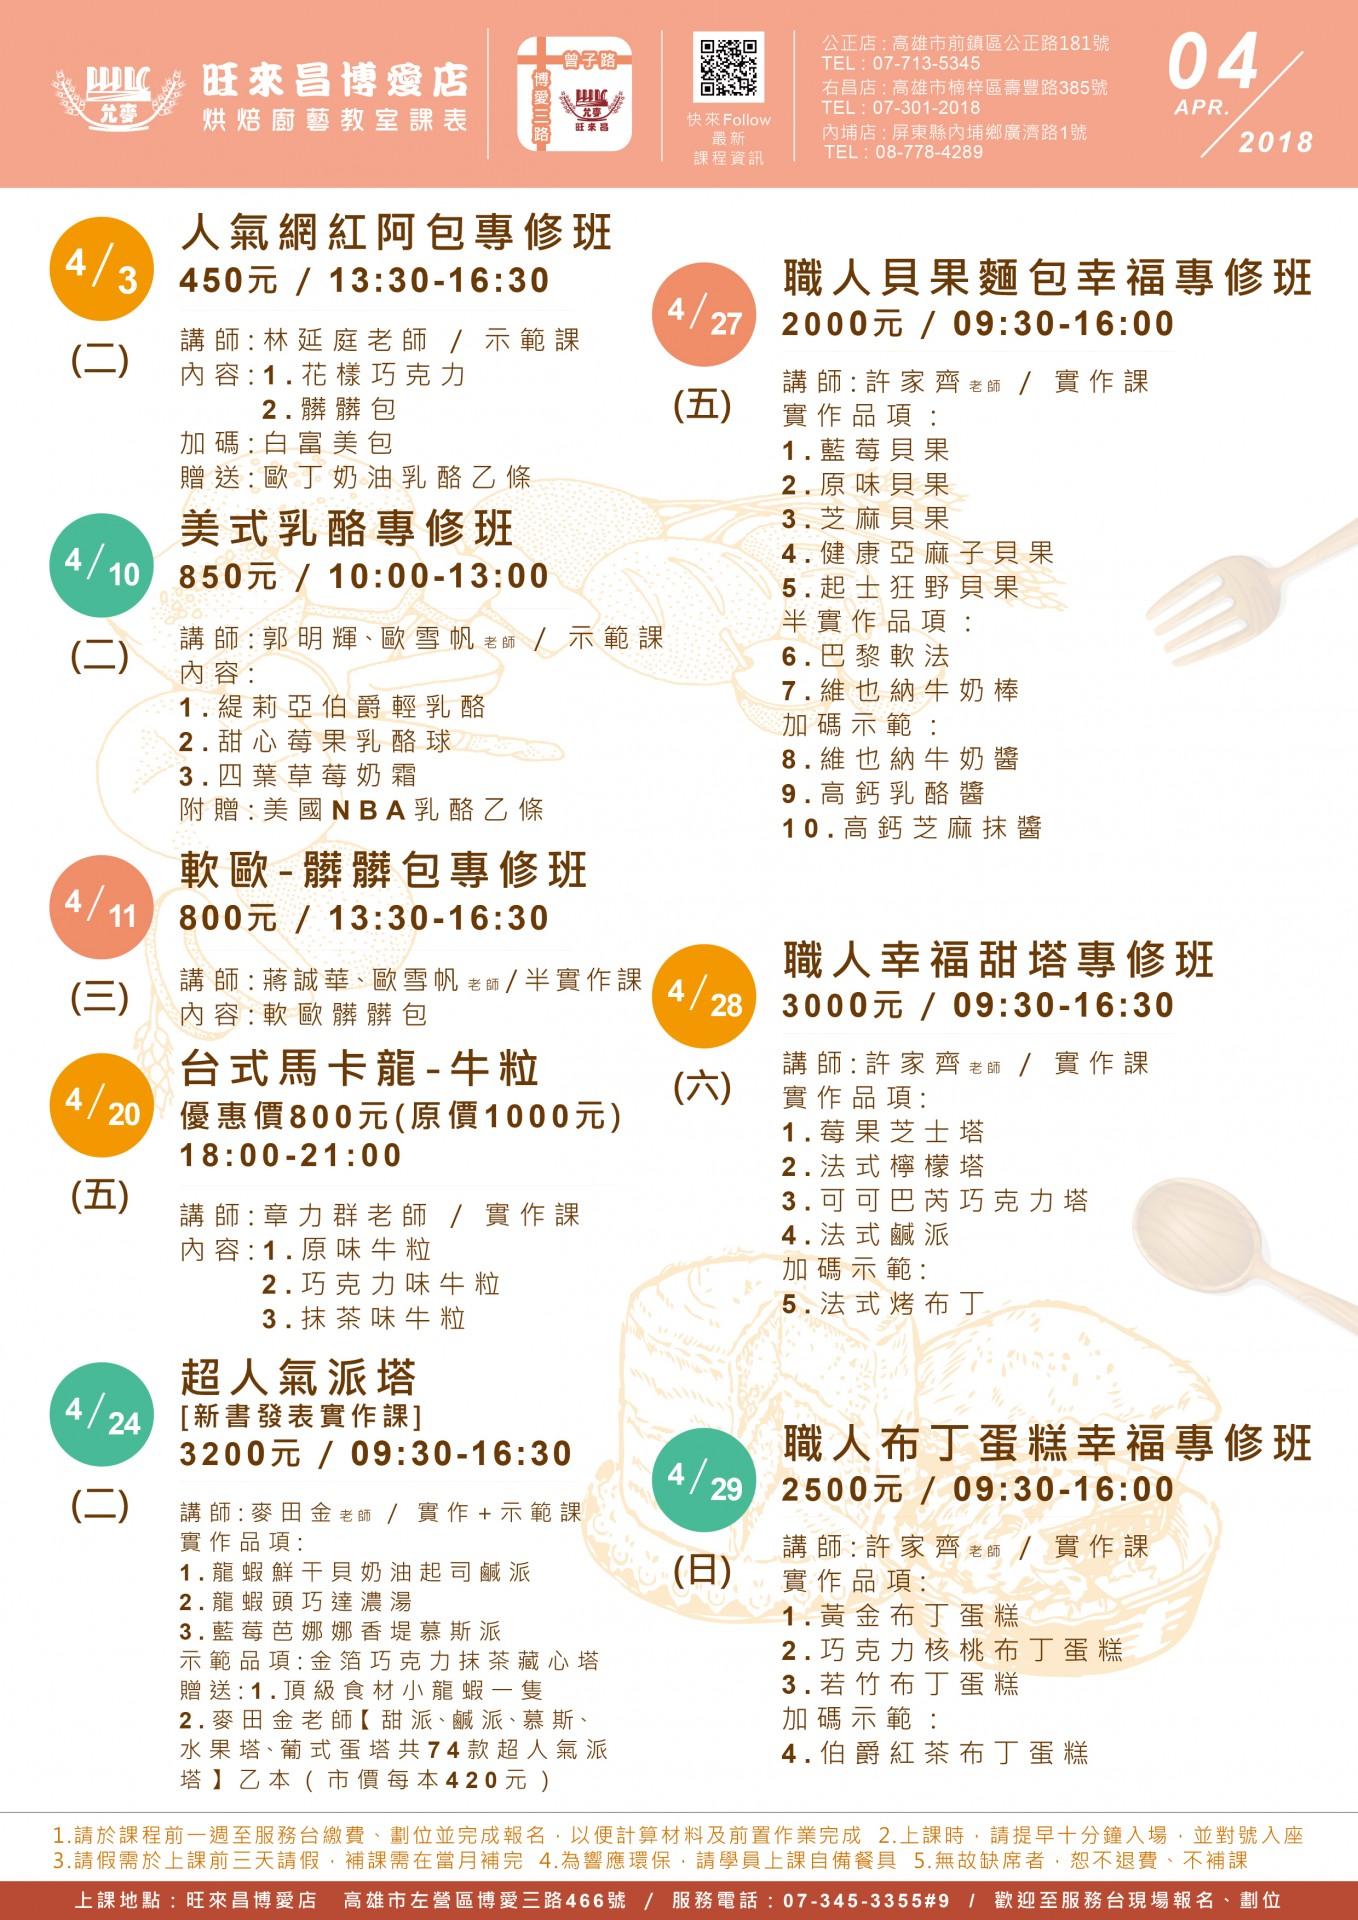 2018年4月博愛店課表